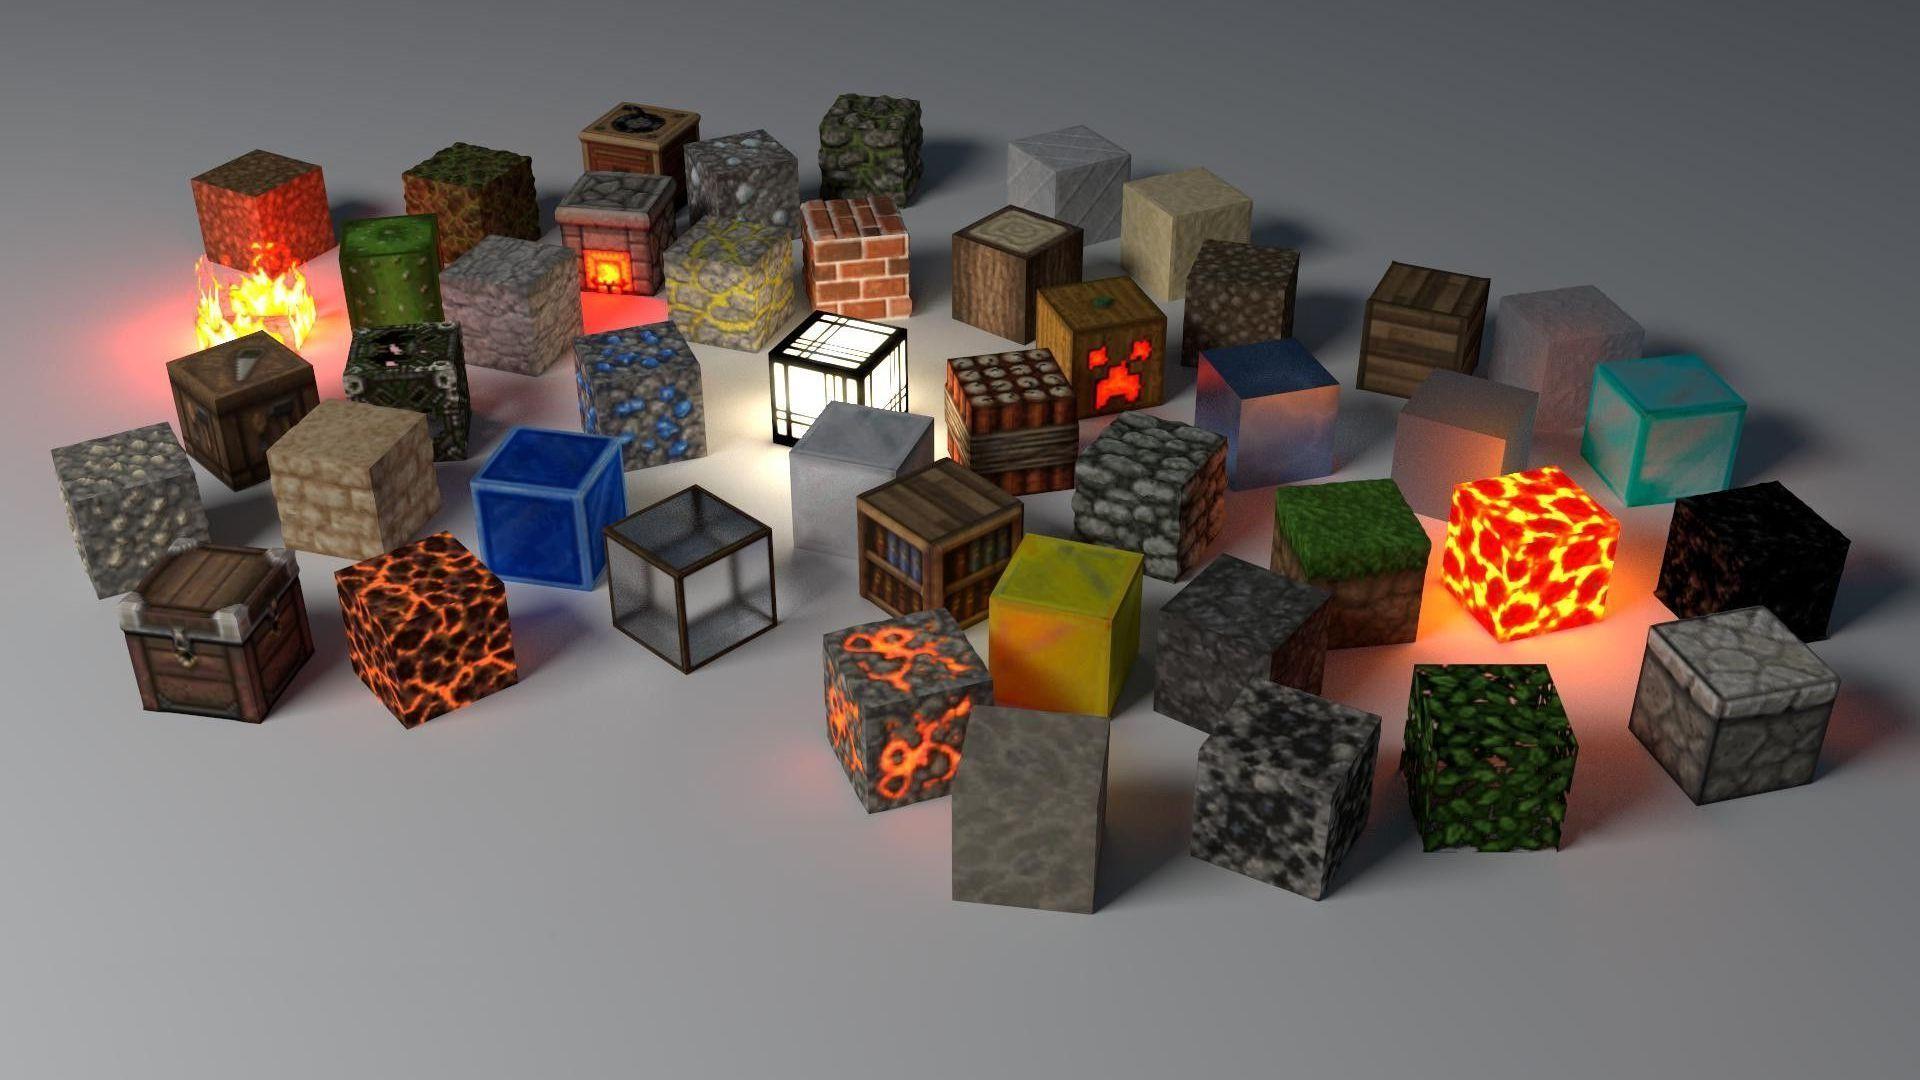 Minecraft Wallpapers CNQ44L8   4USkY 1920x1080